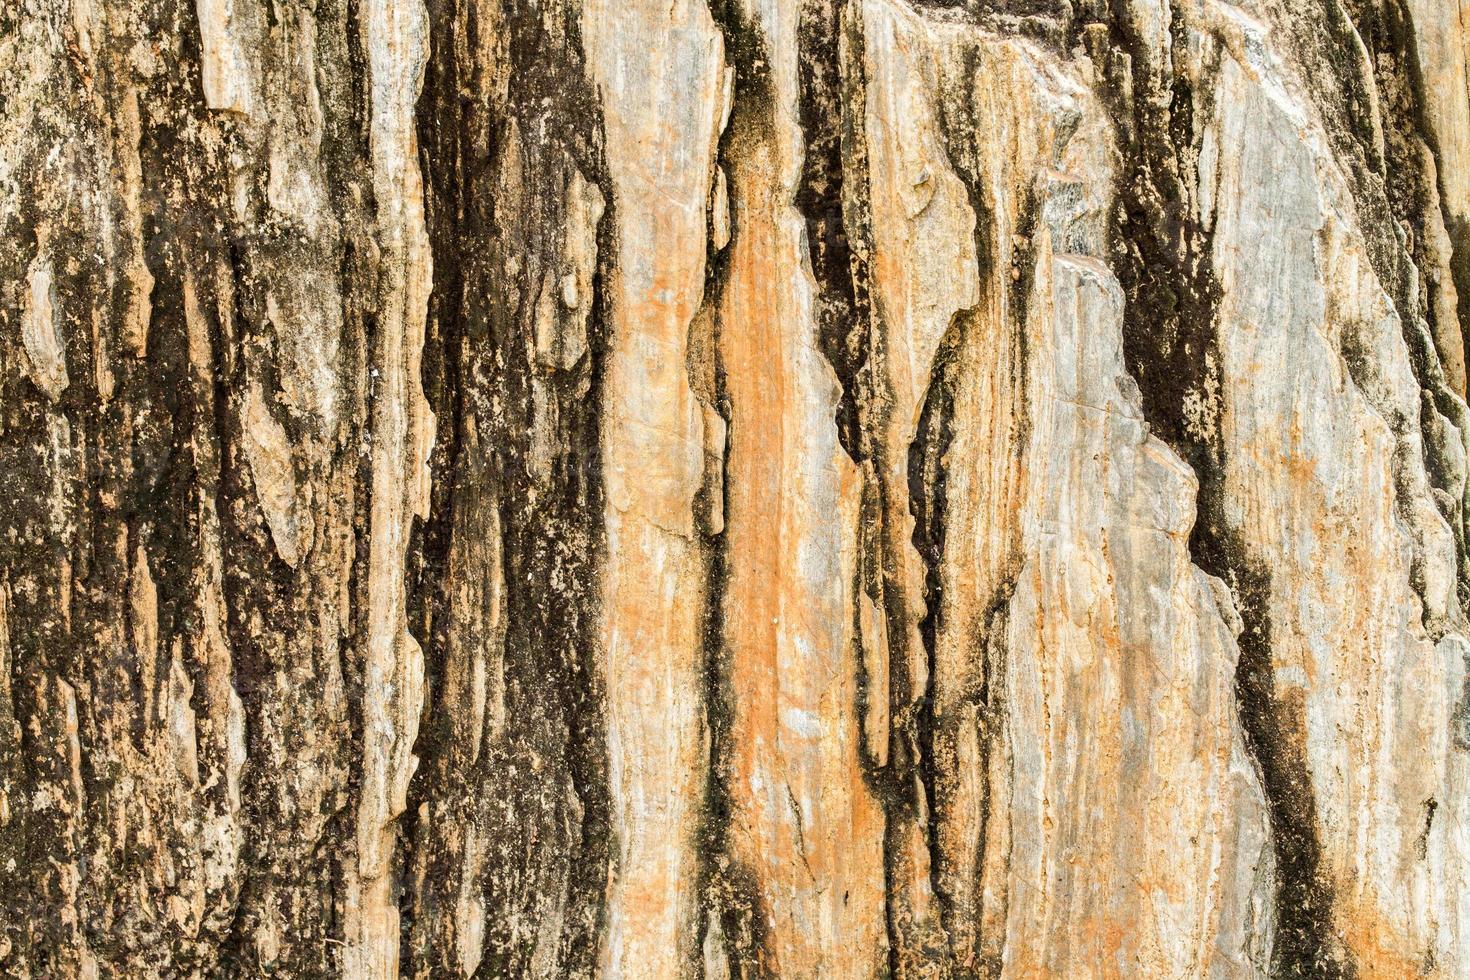 superficie del fondo de piedra grunge. foto